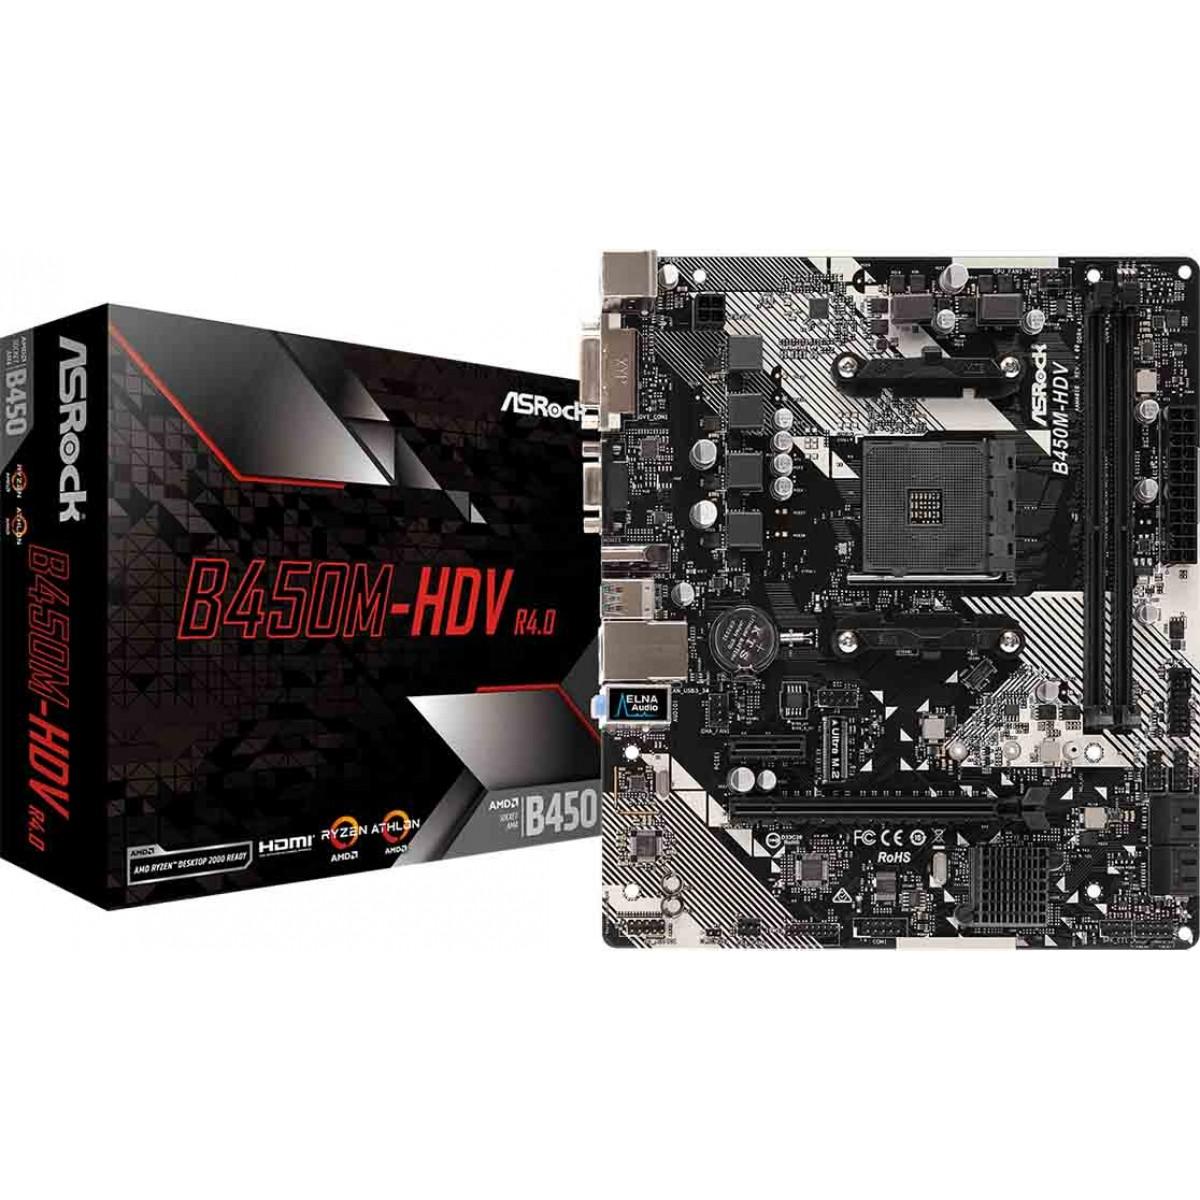 Placa Mãe ASRock B450M-HDV R4.0, Chipset B450, AMD AM4, mATX, DDR4